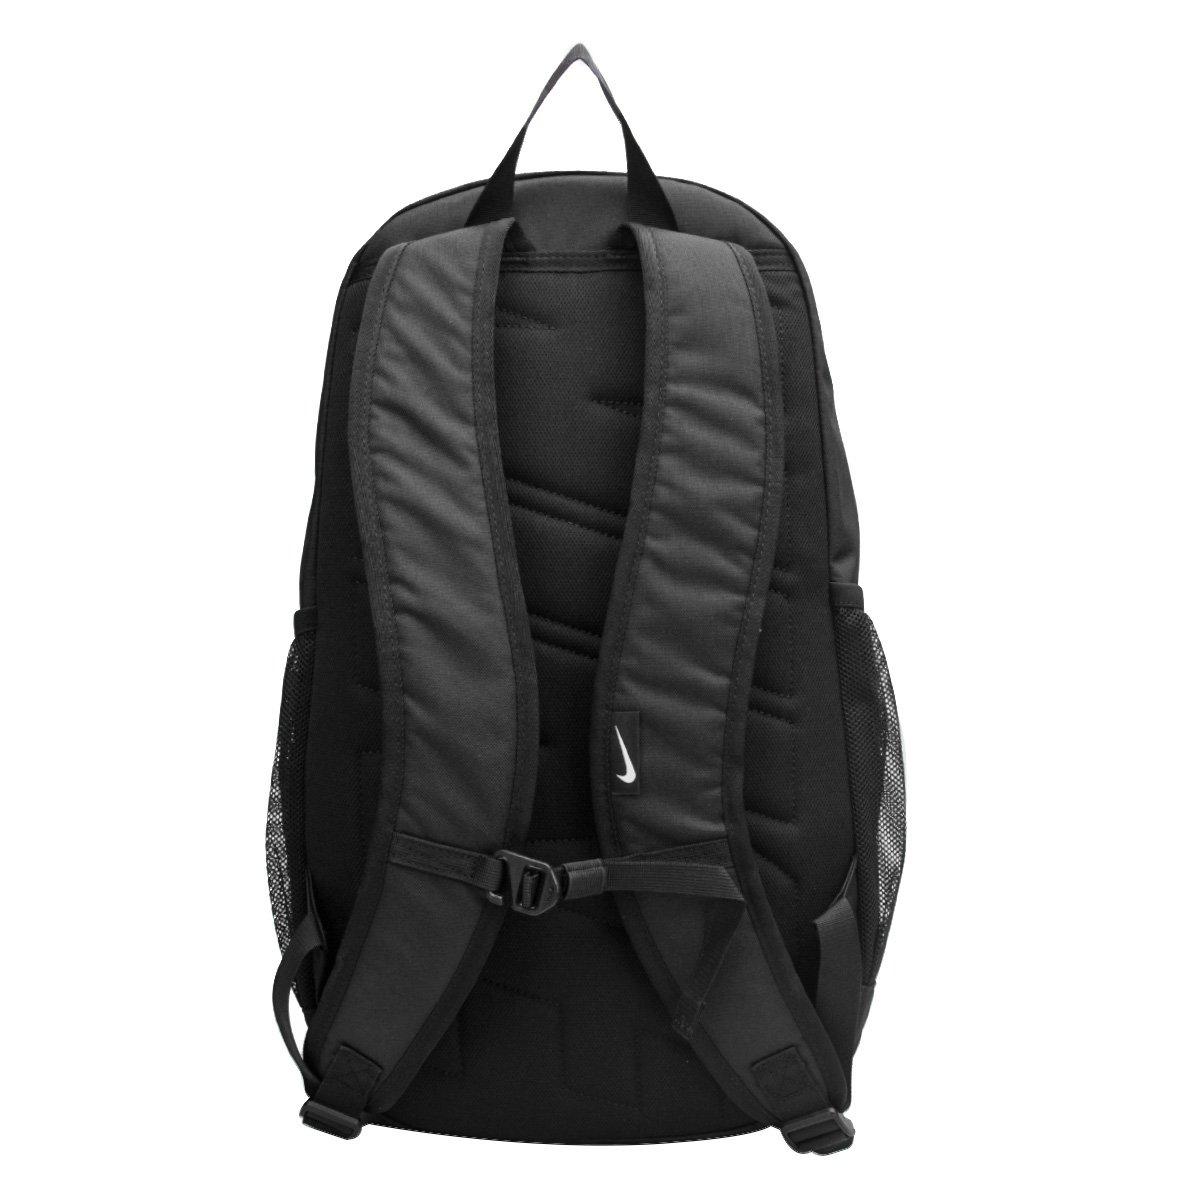 Mochila Nike Academy - Preto - Compre Agora  d9edef8f817cc